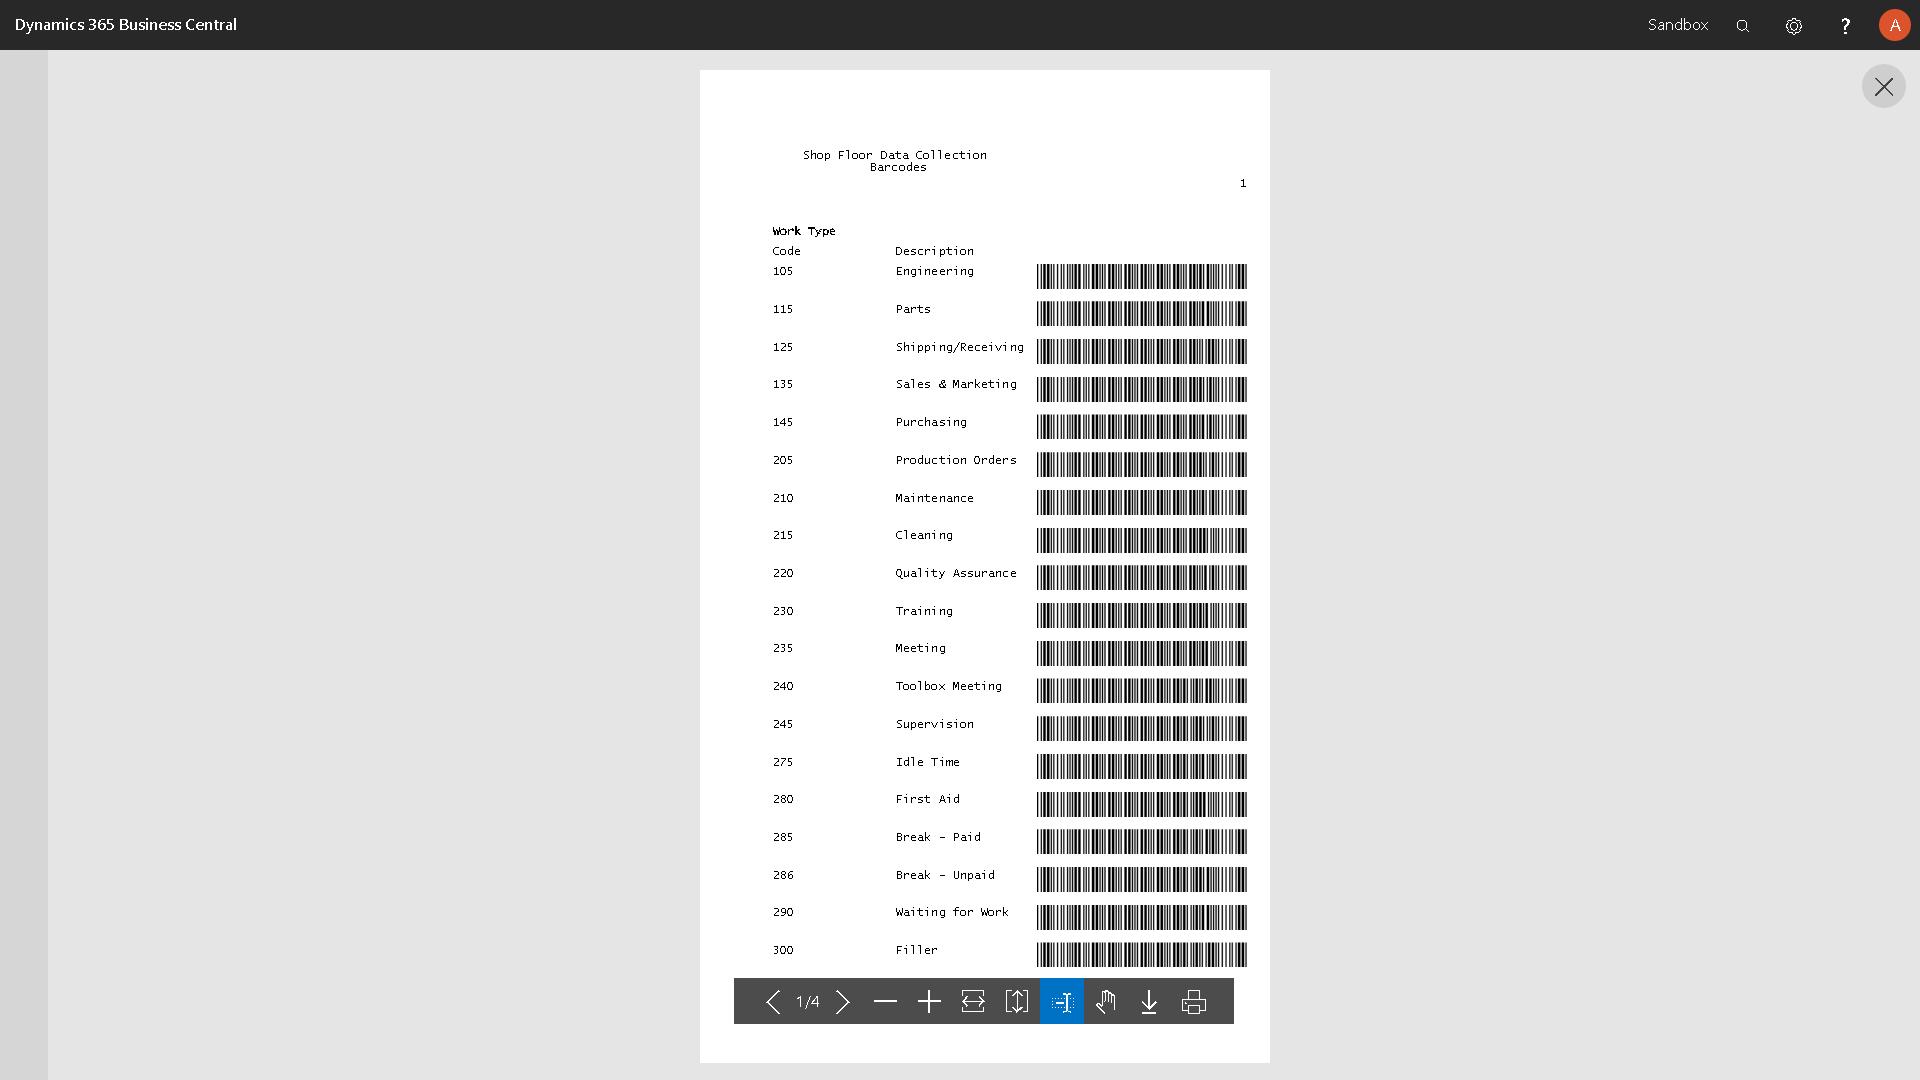 Barcodes List